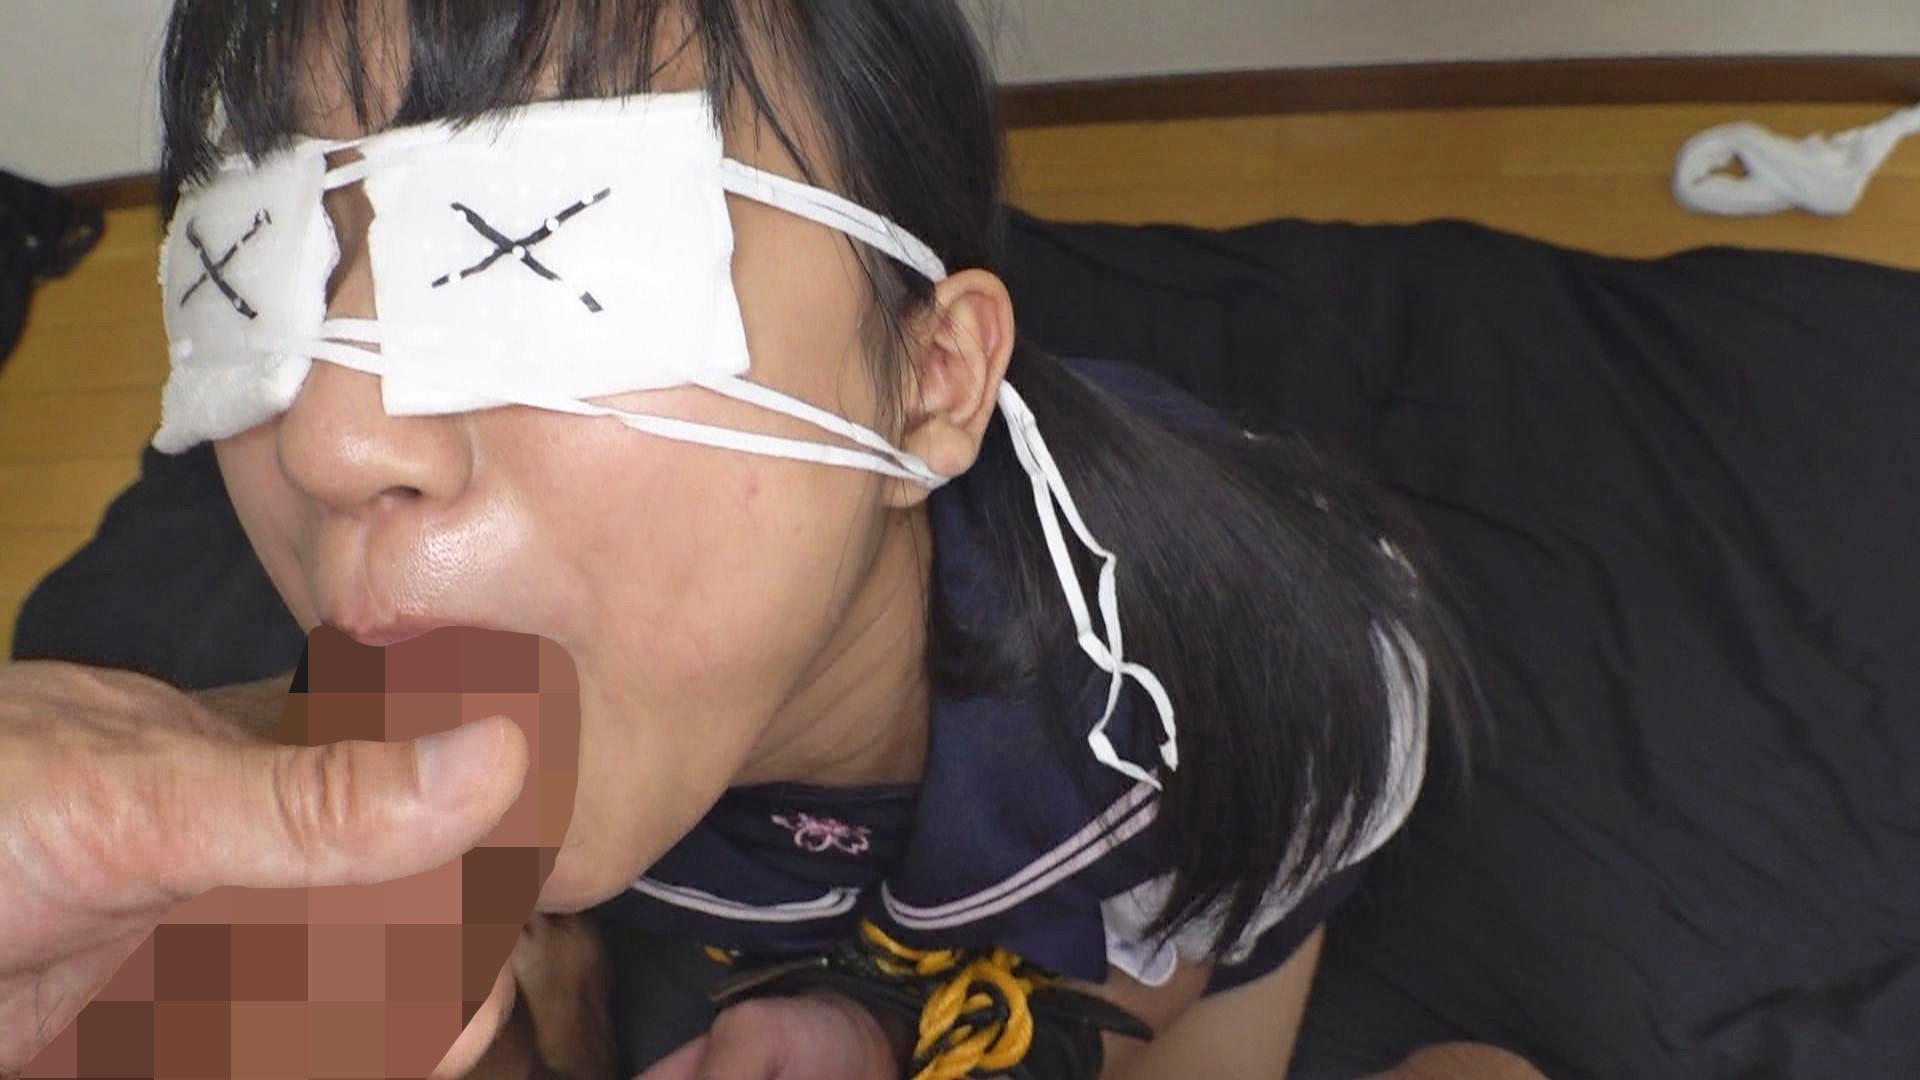 監禁 拘束した少女を人形のように弄ぶ変質者の異常性癖 渚ひまわり 画像4